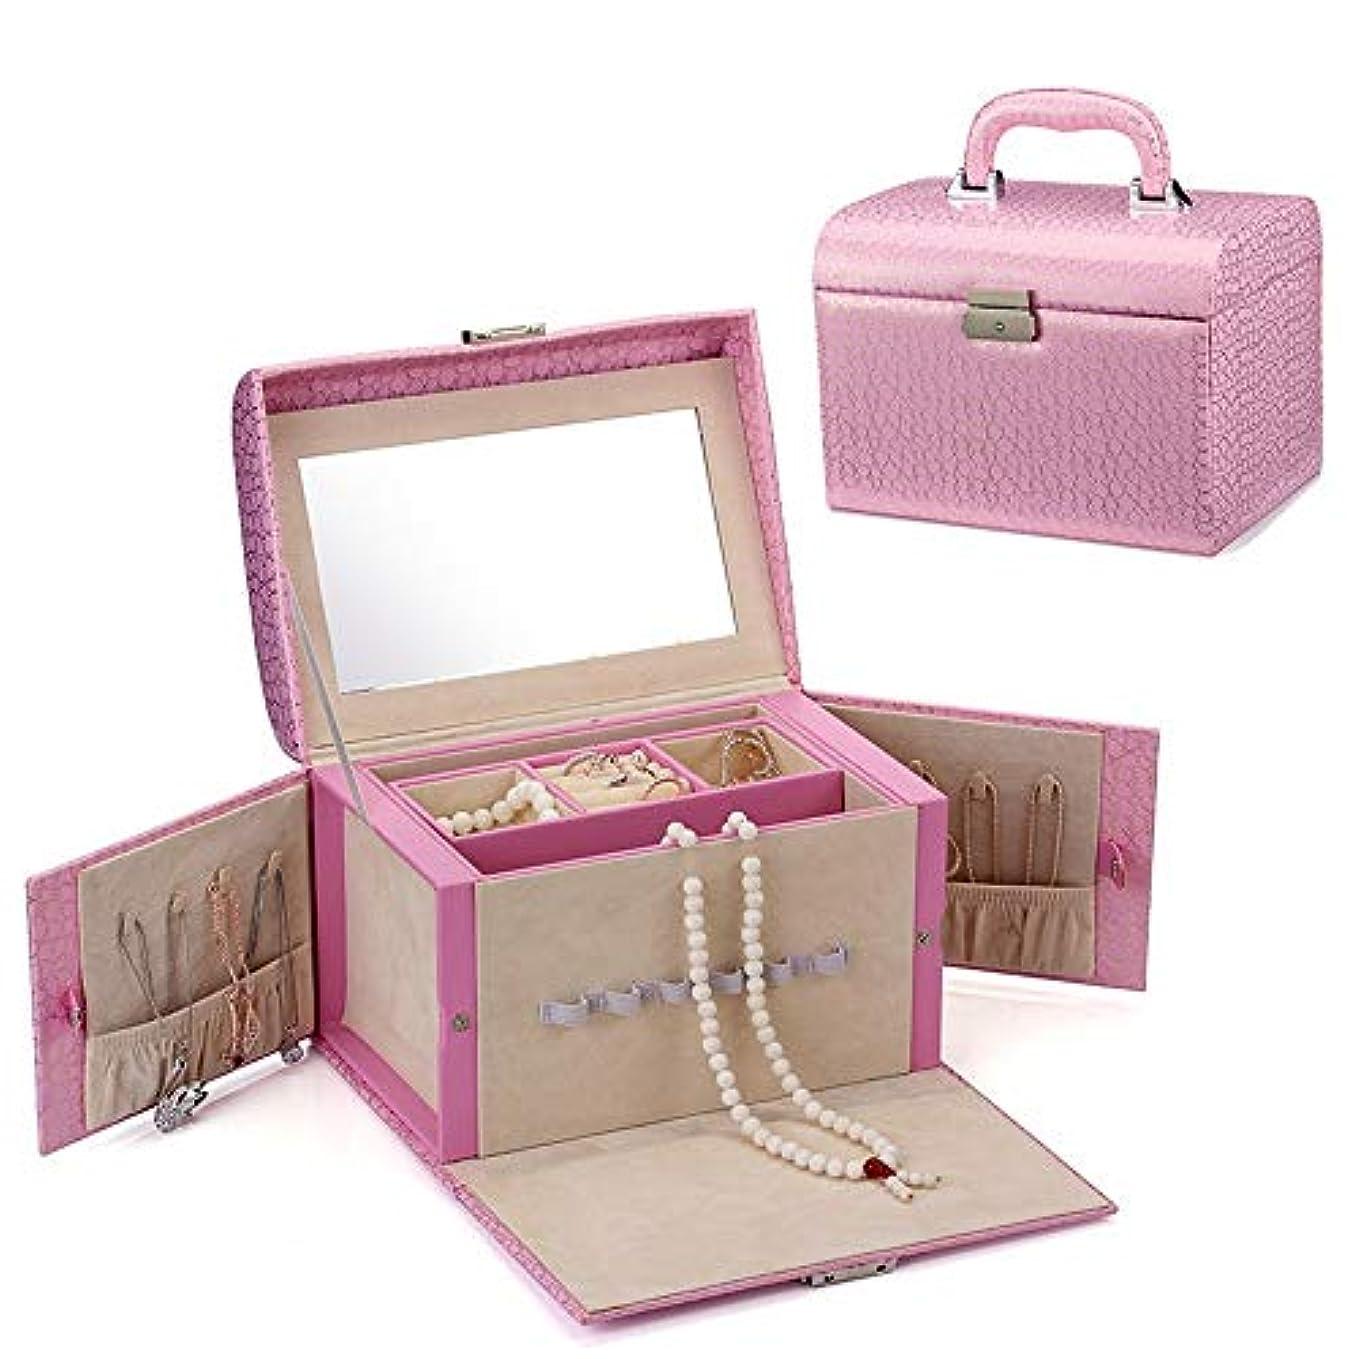 テメリティそれら申し立てる化粧オーガナイザーバッグ 多層の引き出し女性の宝石の収納箱小物のストレージのための 化粧品ケース (色 : ピンク)